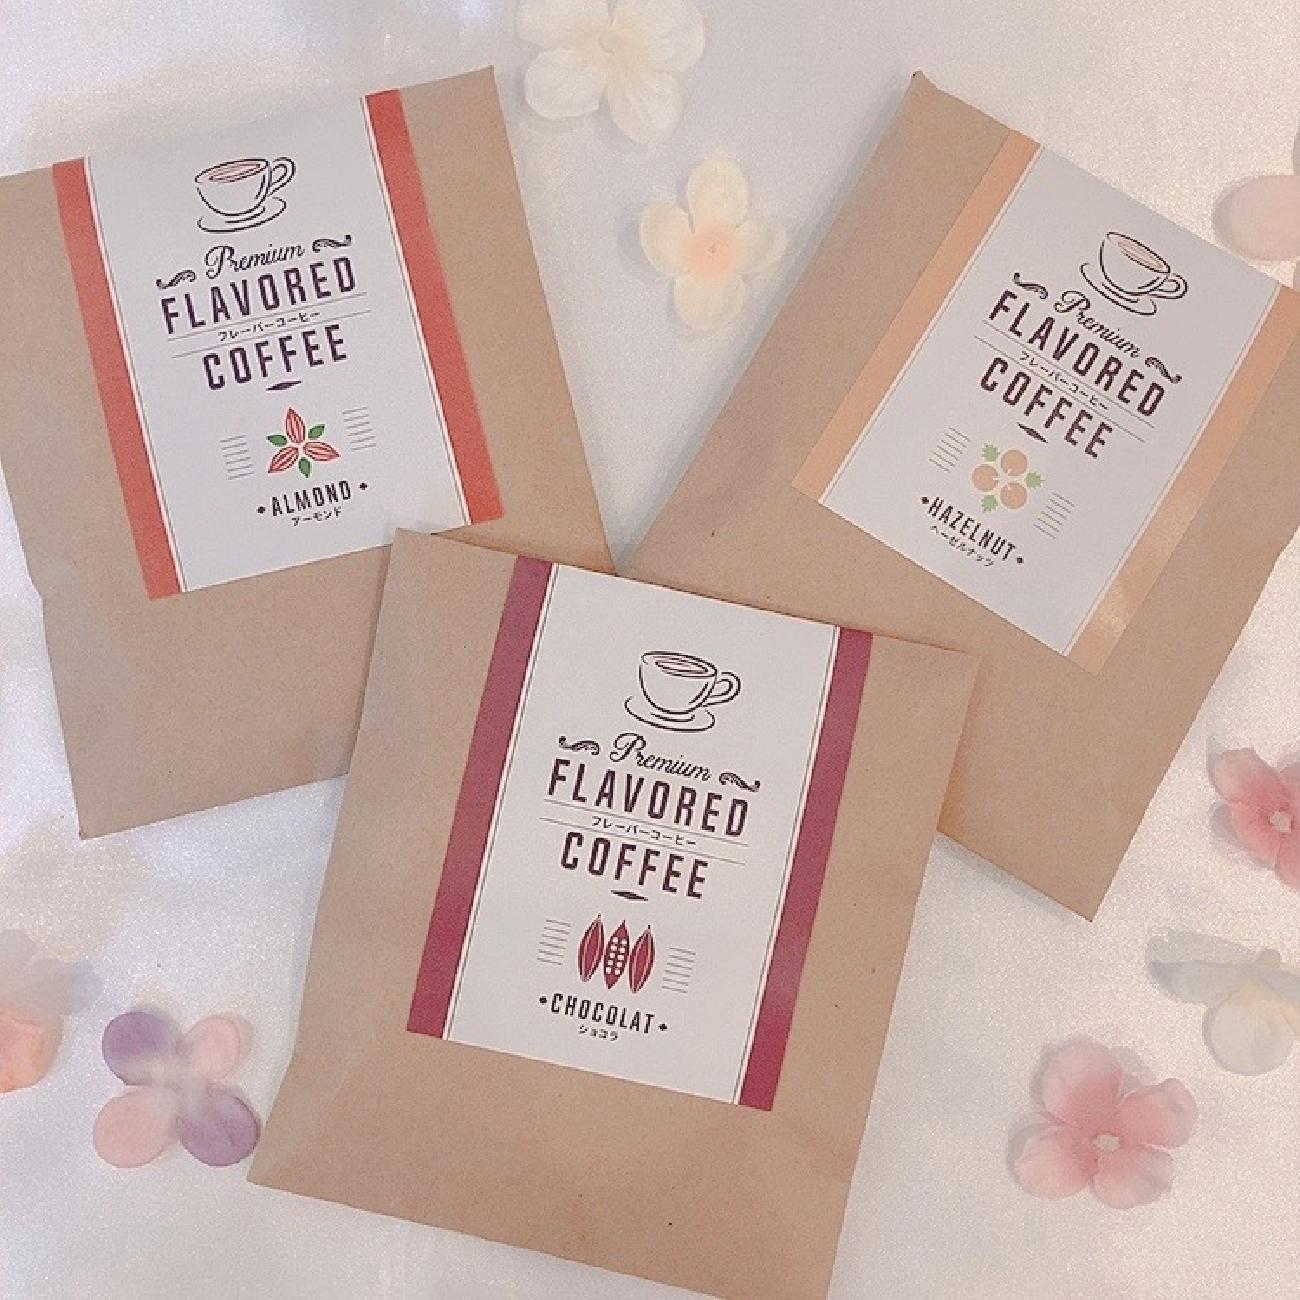 珈琲/コーヒー/紅茶/ティー/ドリップコーヒー/フレーバー/フレーバーコーヒー/フレーバーティー/おいしい/飲み物/至福の時間